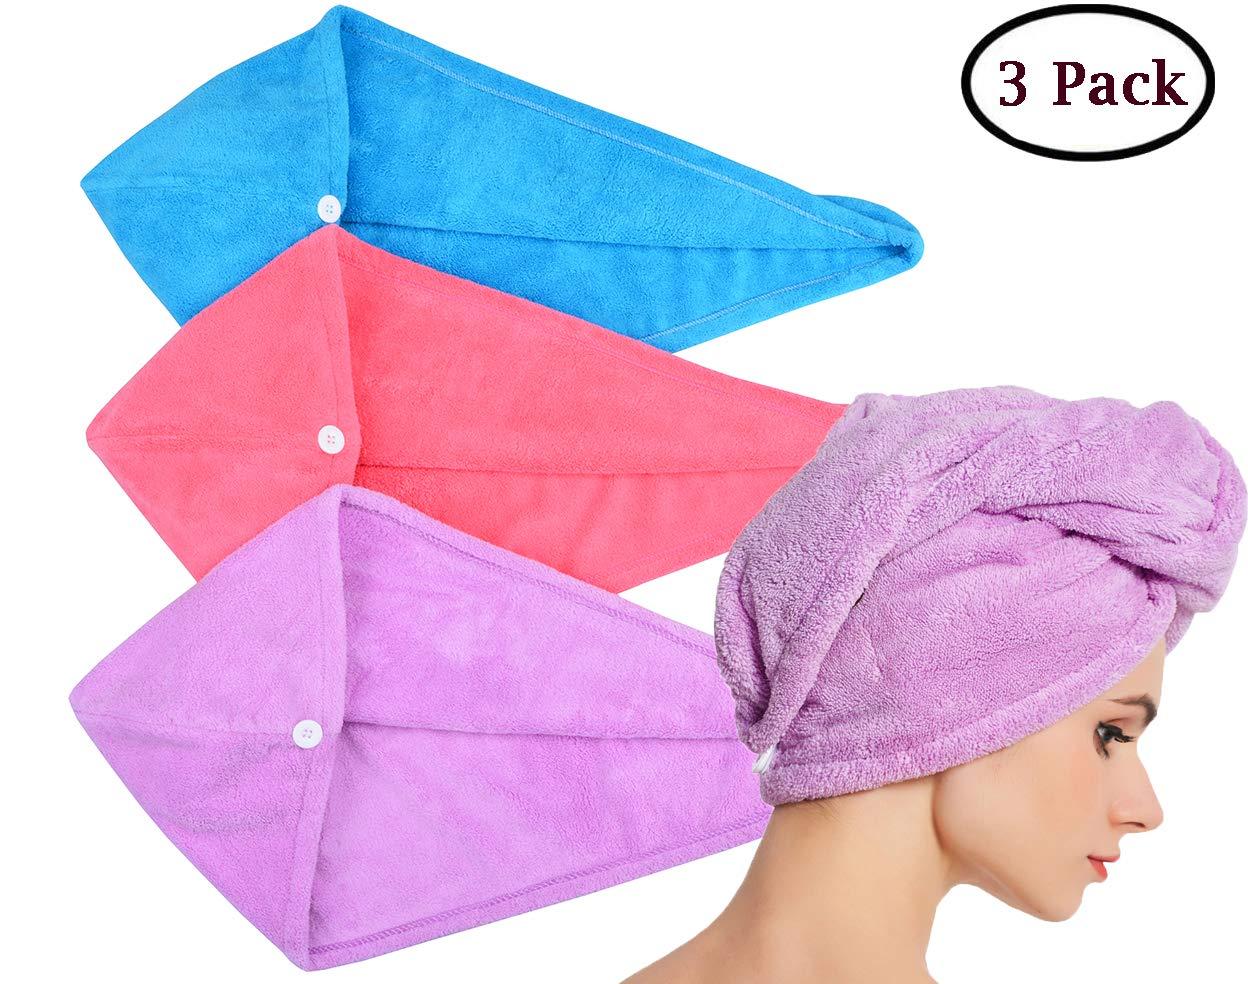 Imagini pentru hair wrap towel